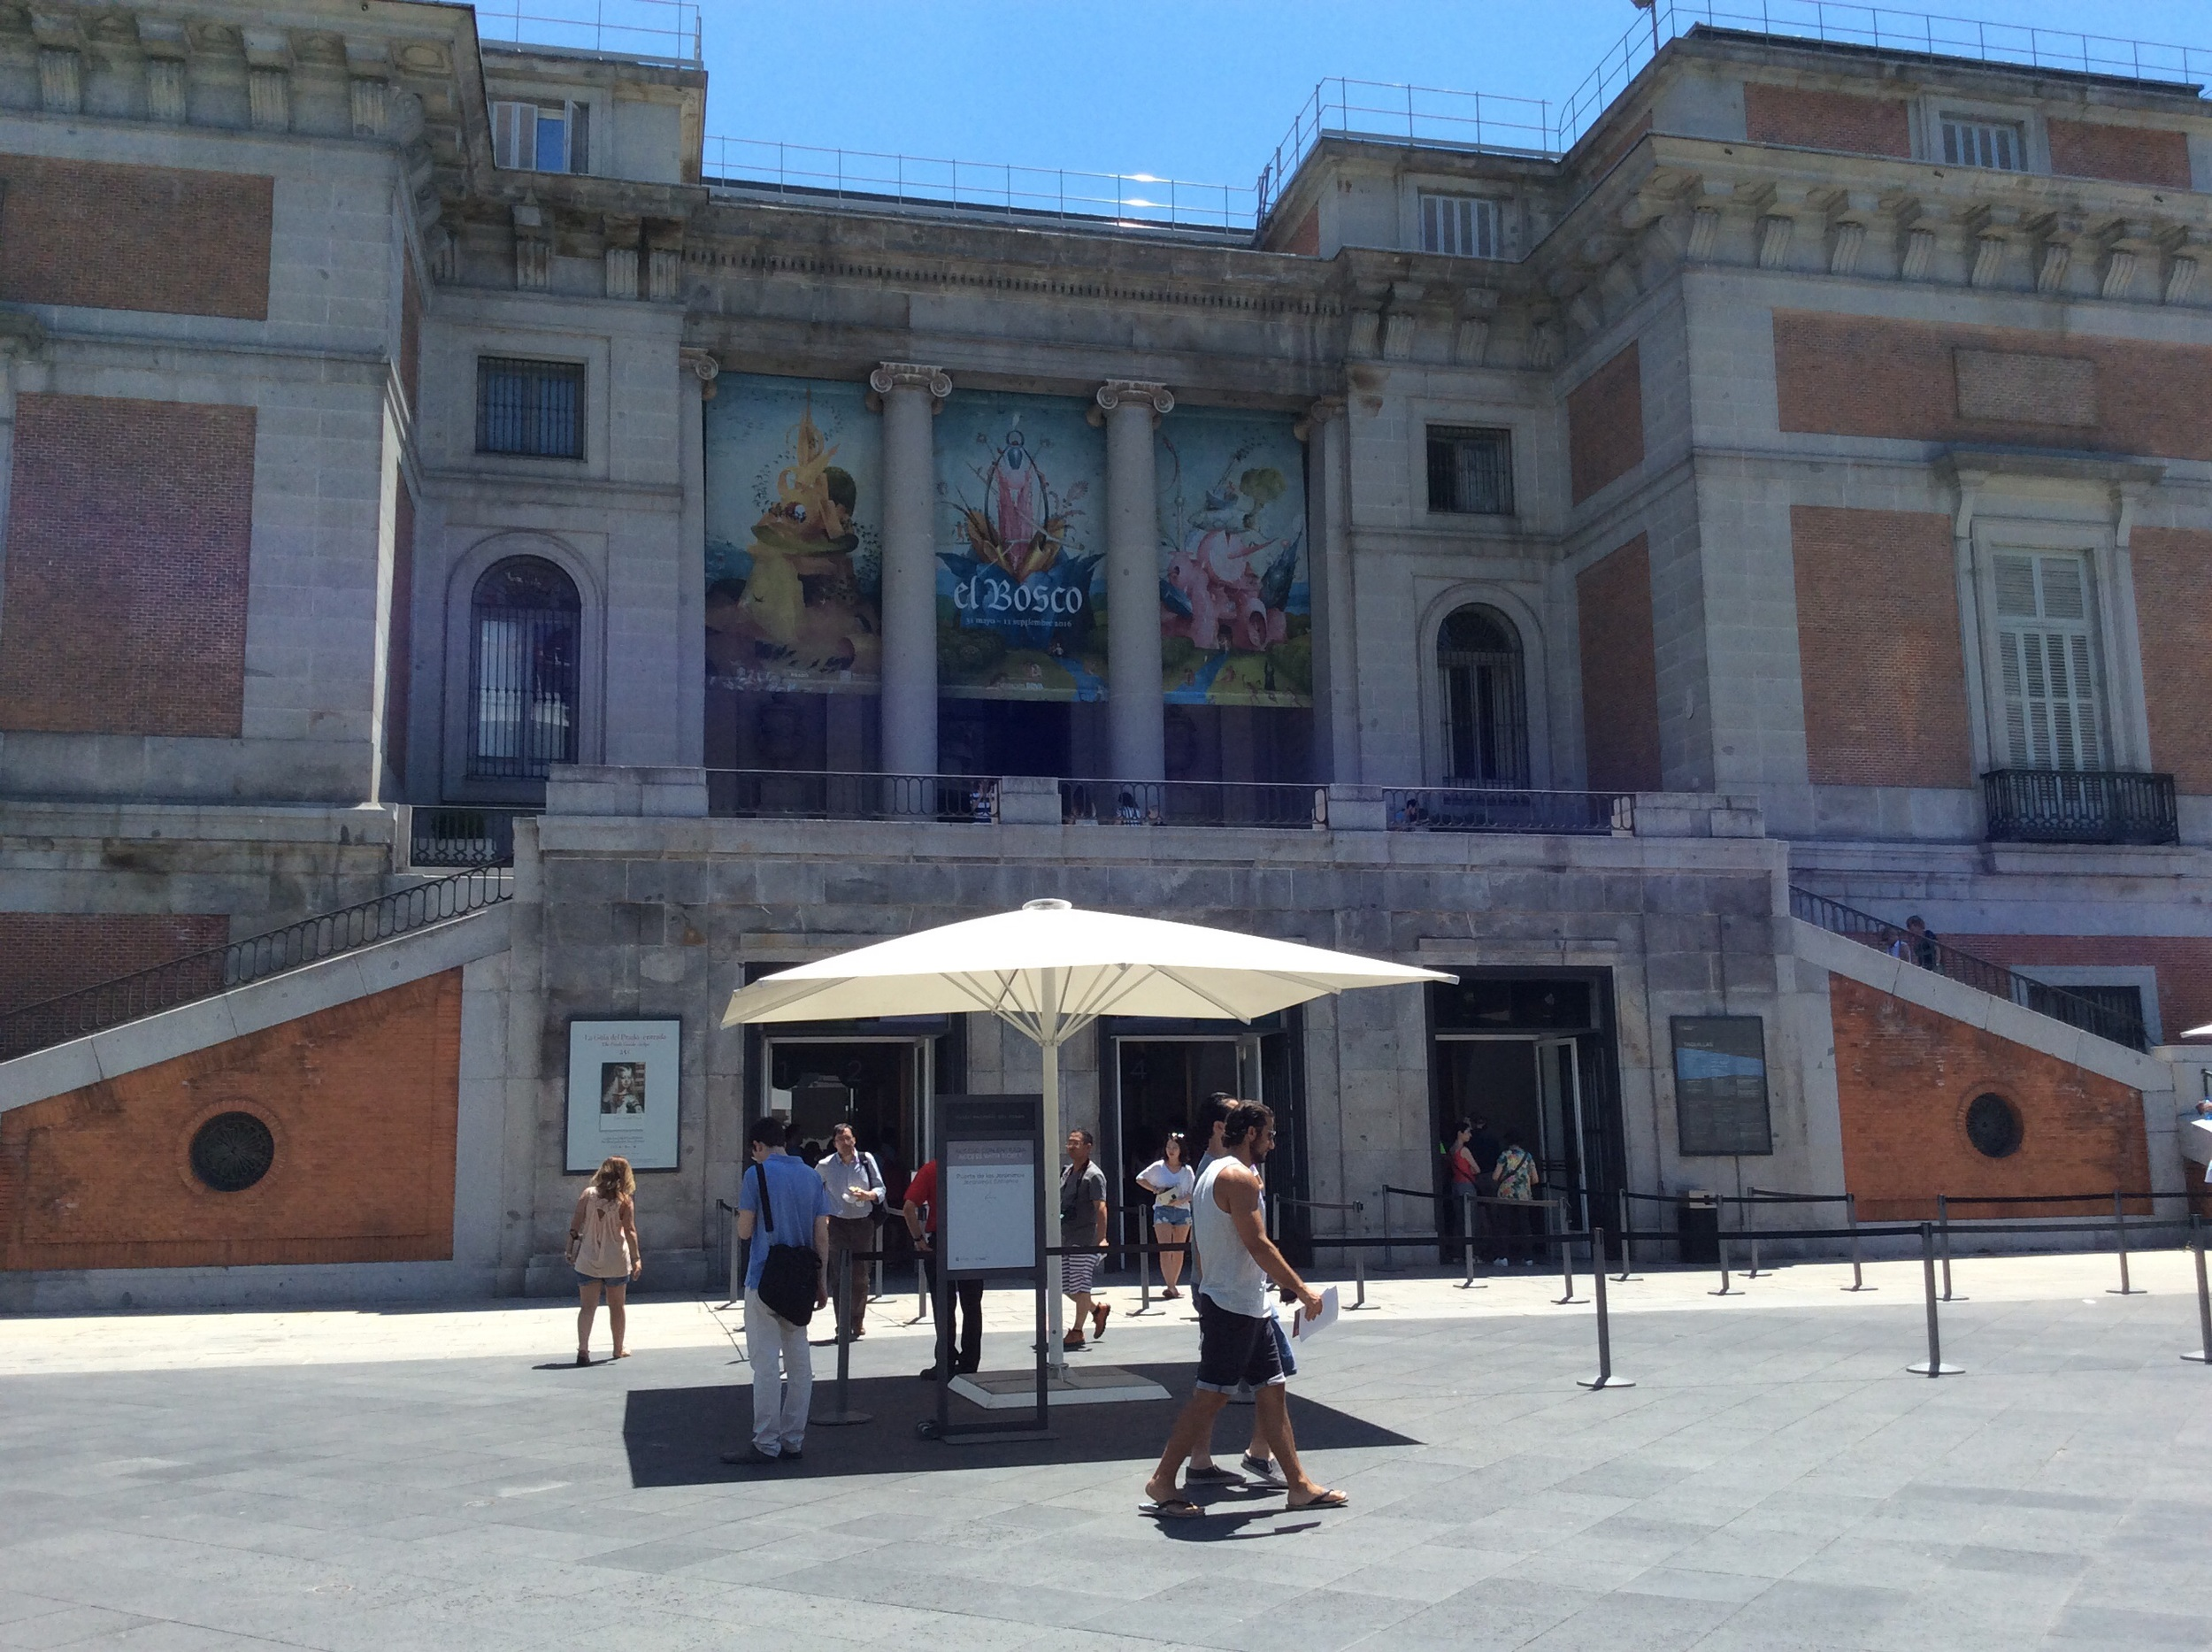 The Prado National Art Museum